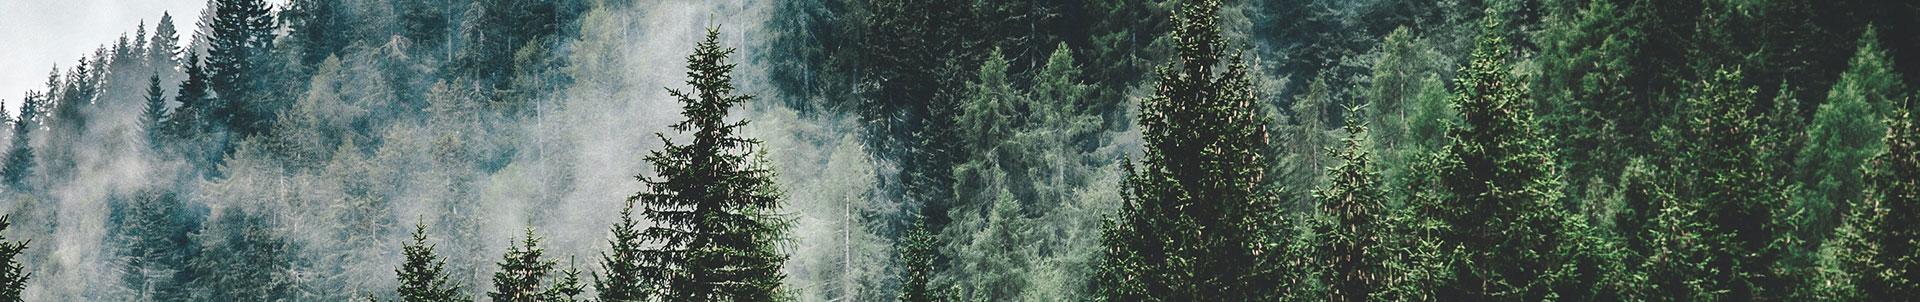 Forêt de pins dans la brume